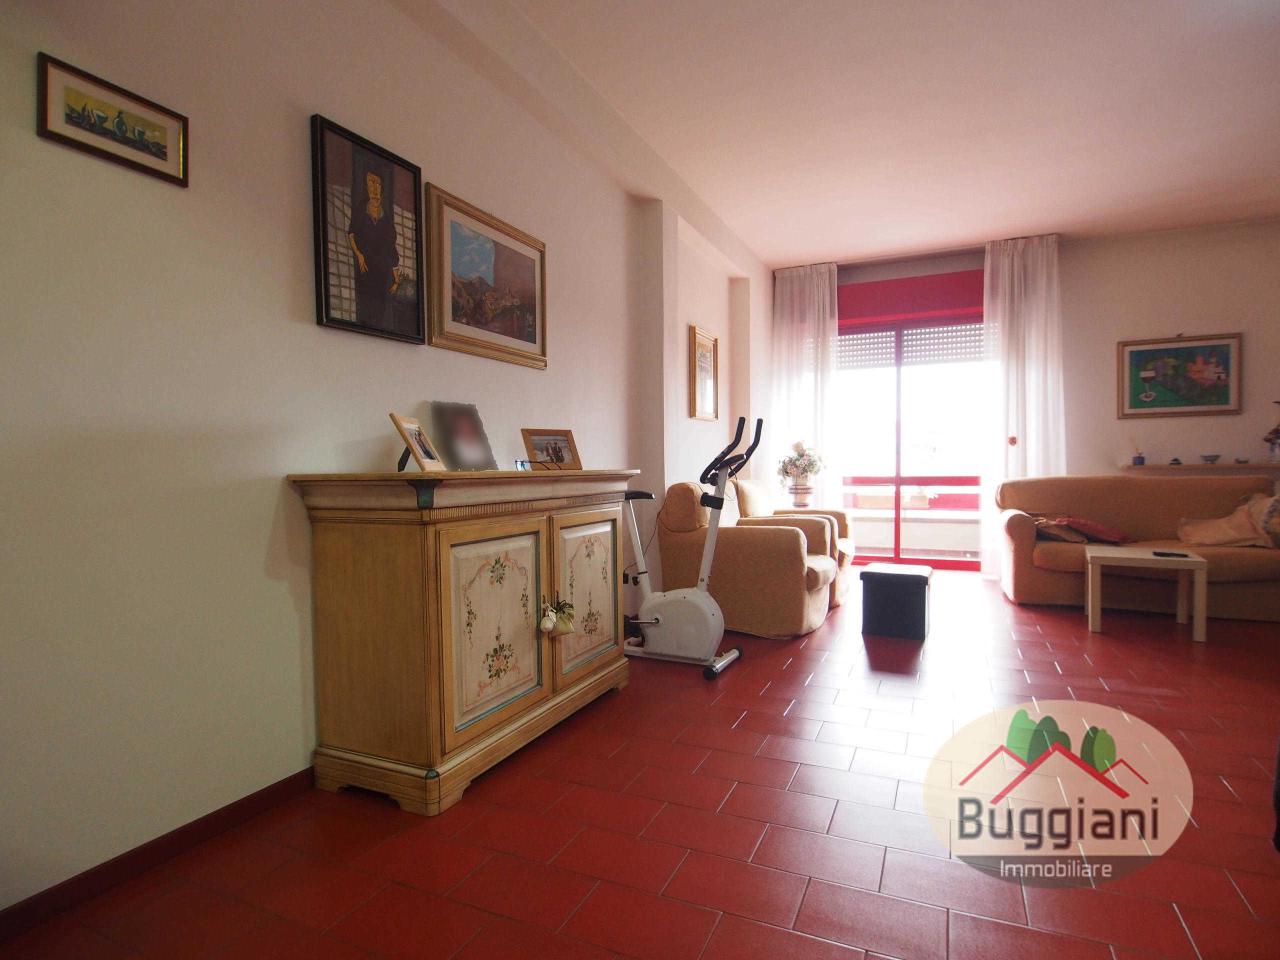 Appartamento in vendita RIF. 2253, San Miniato (PI)